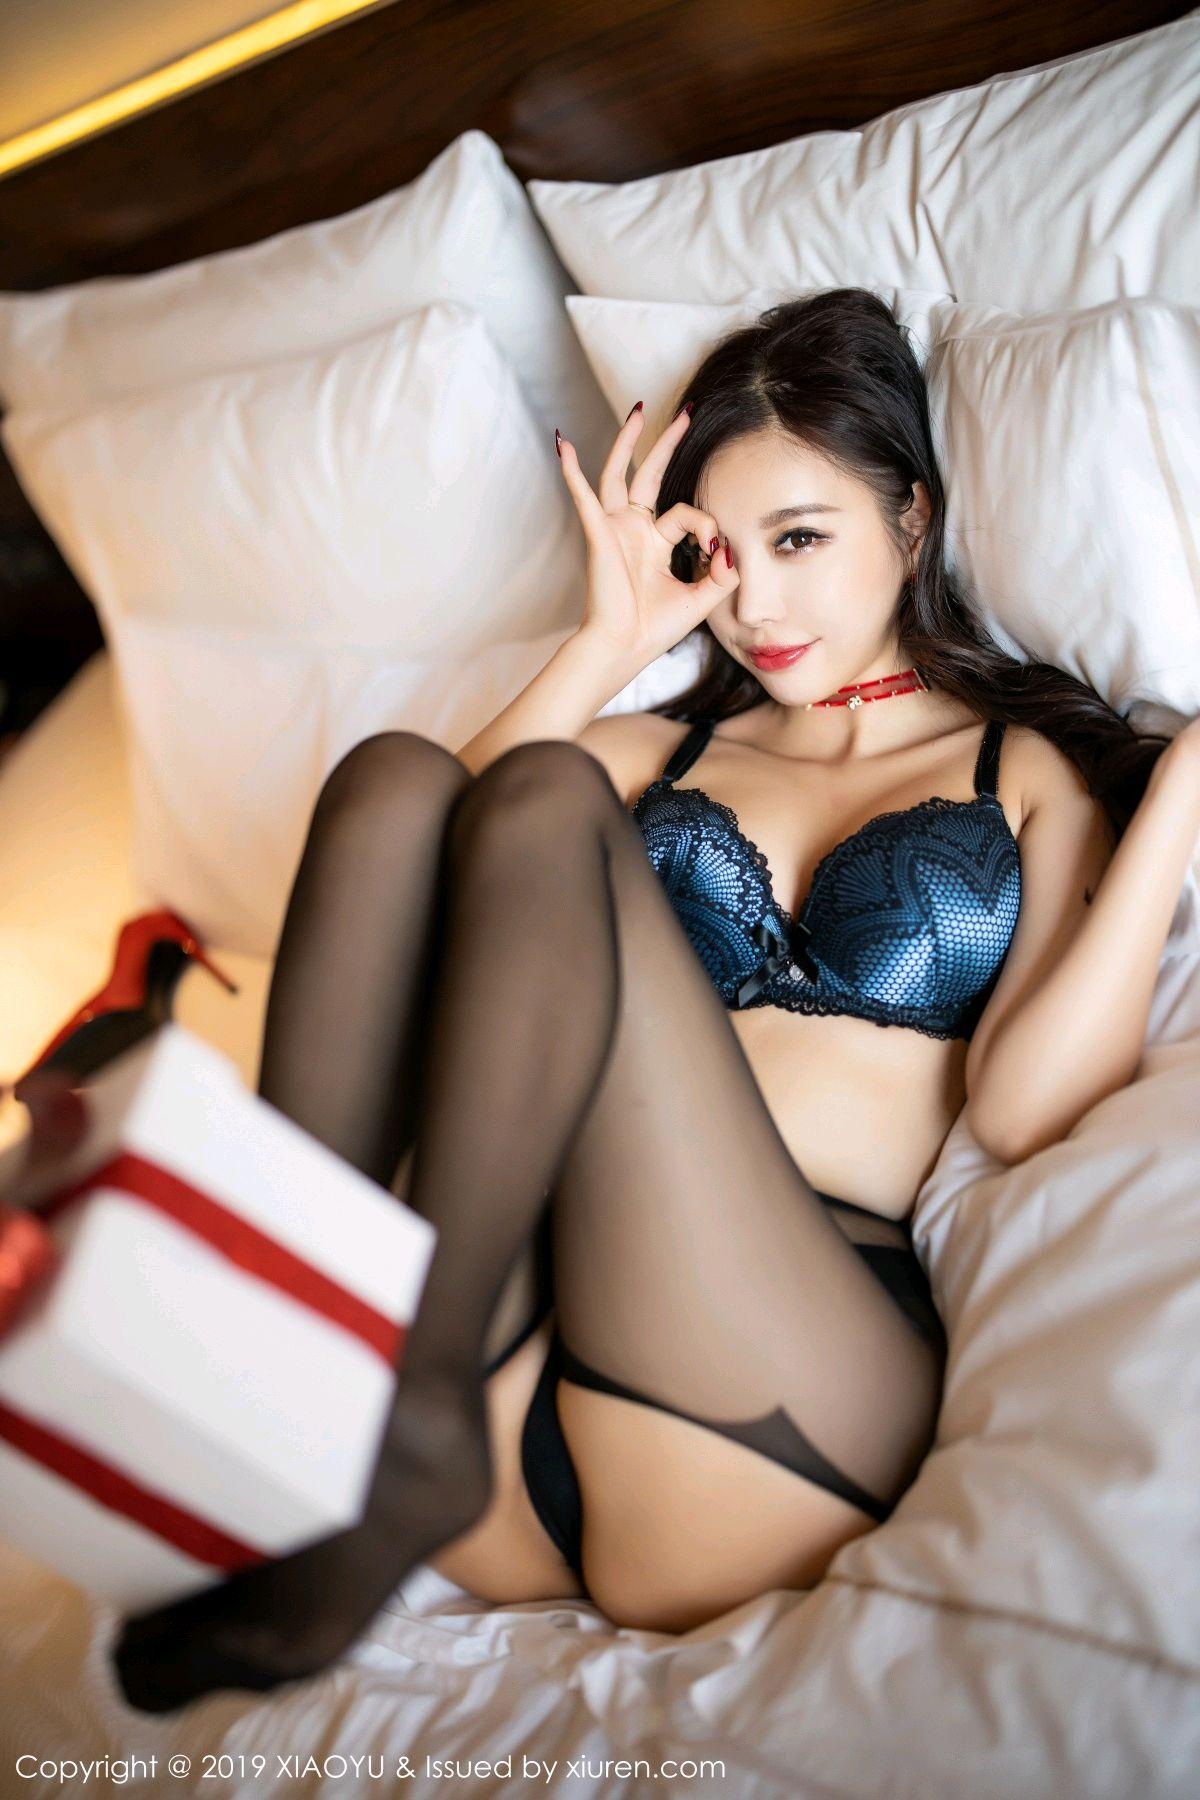 [XiaoYu] Vol.225 Yang Chen Chen 80P, Christmas, Underwear, XiaoYu, Yang Chen Chen